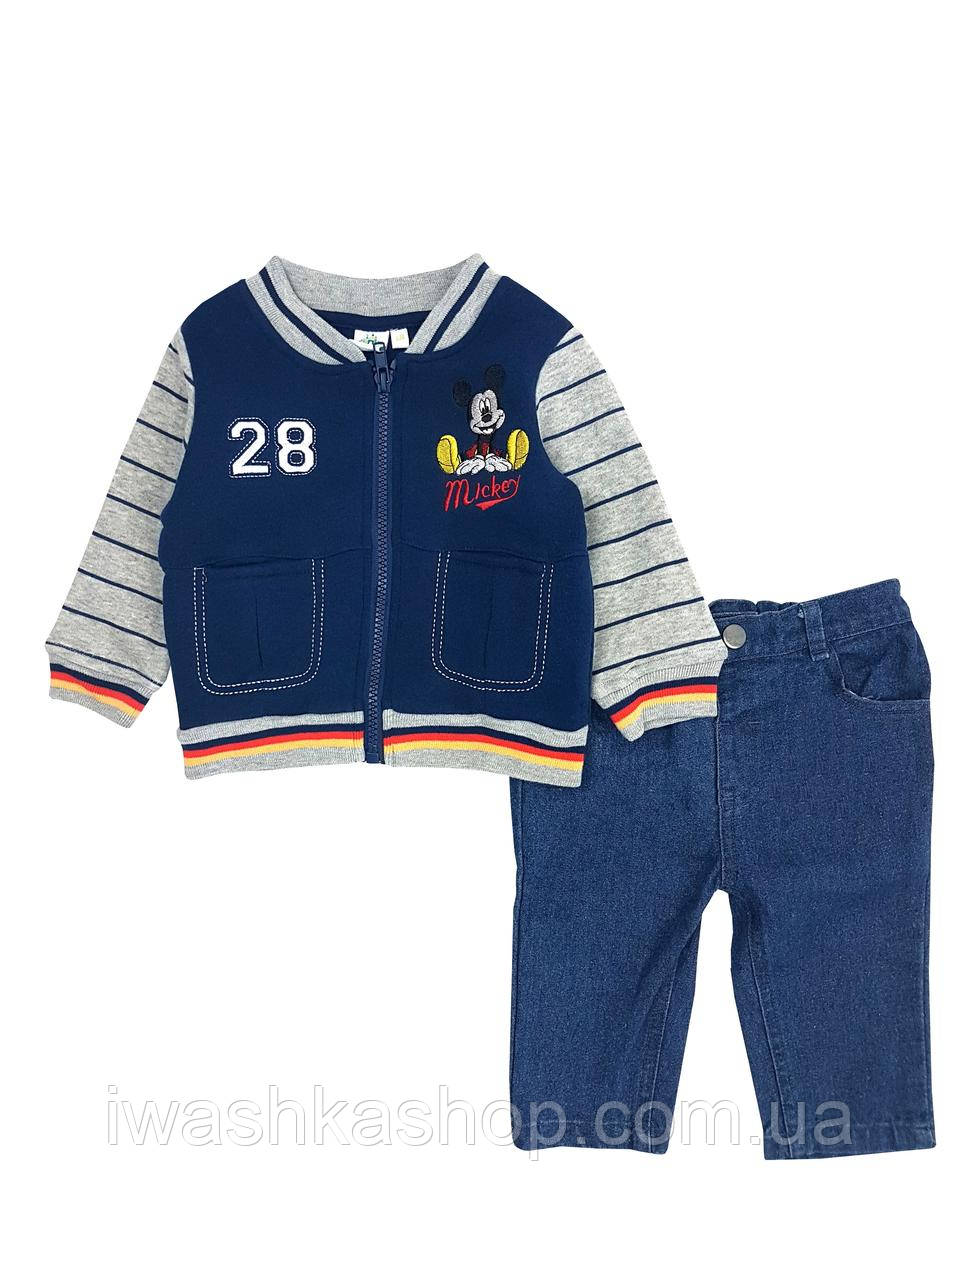 Утепленный костюм на мальчика, бомбер и джинсы, р. 67 на 6 месяцев, Disney baby